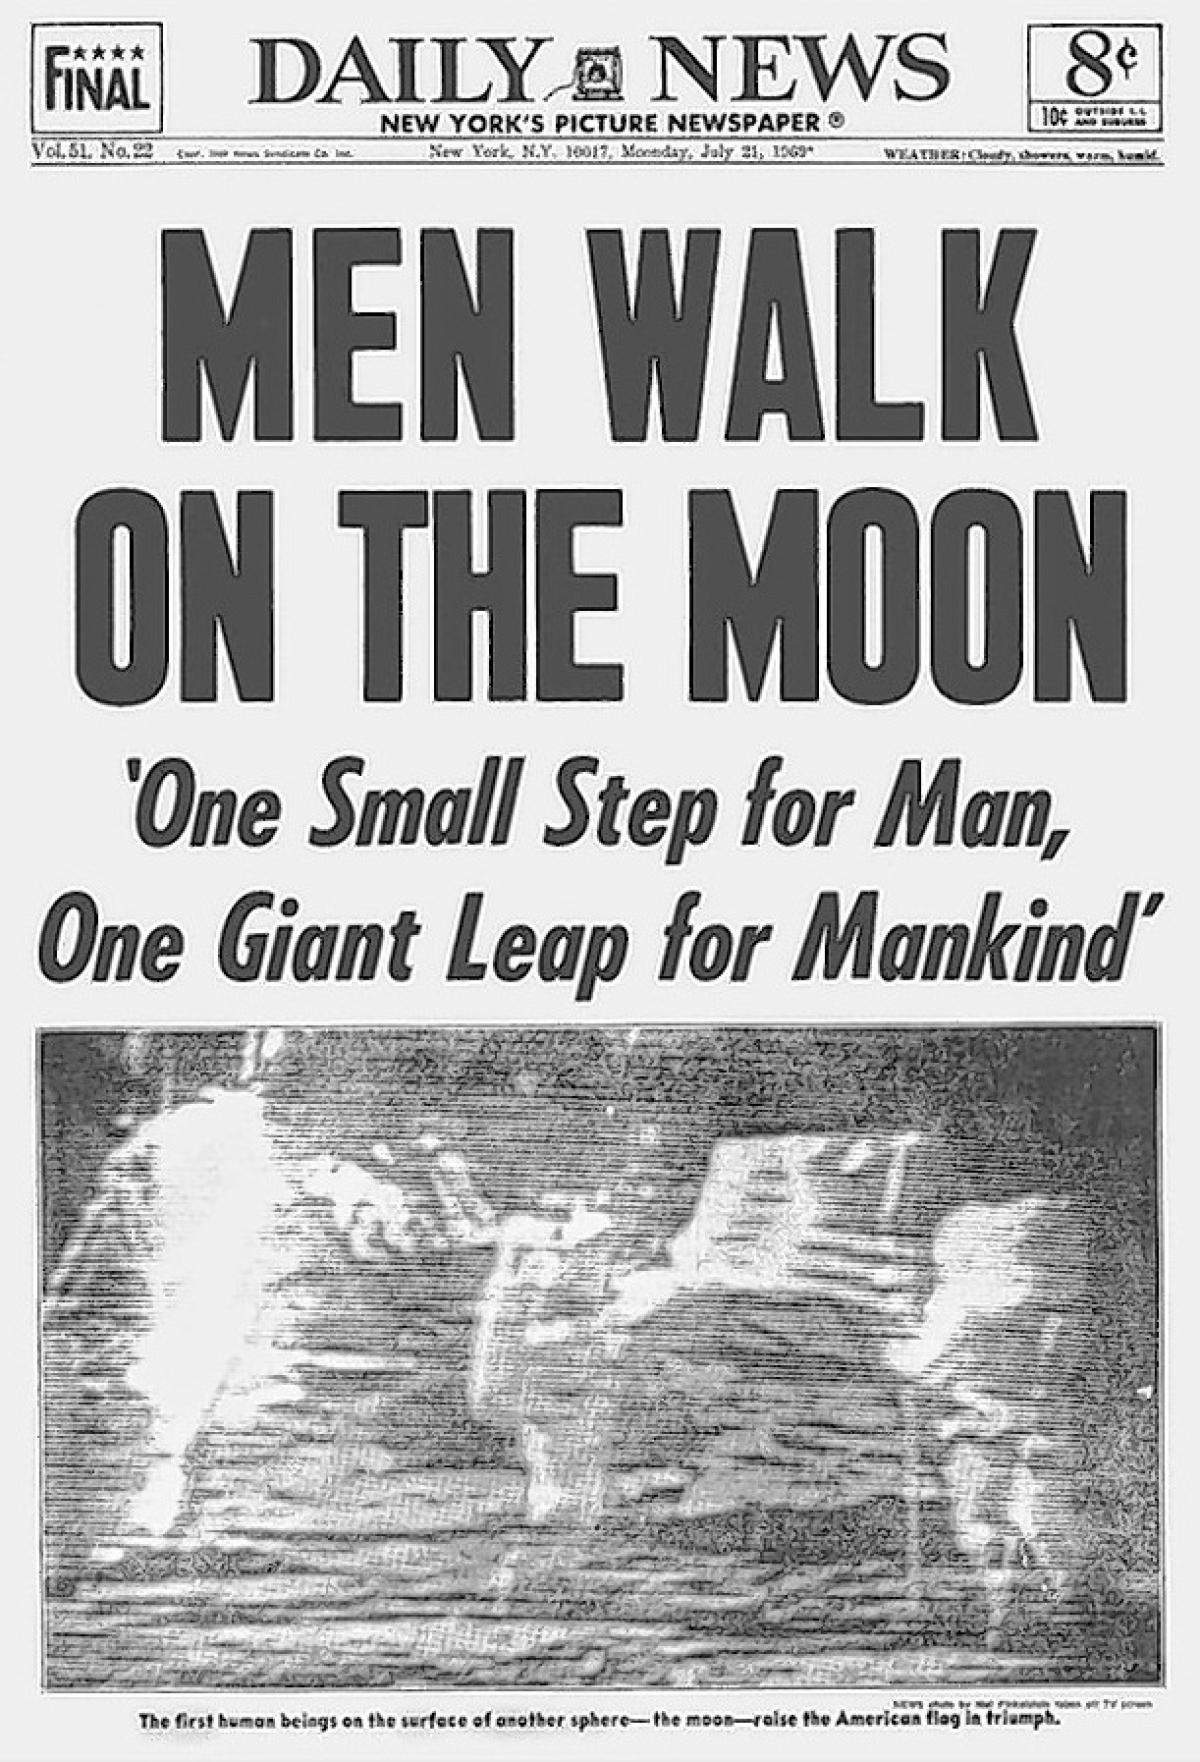 Many moons ago...